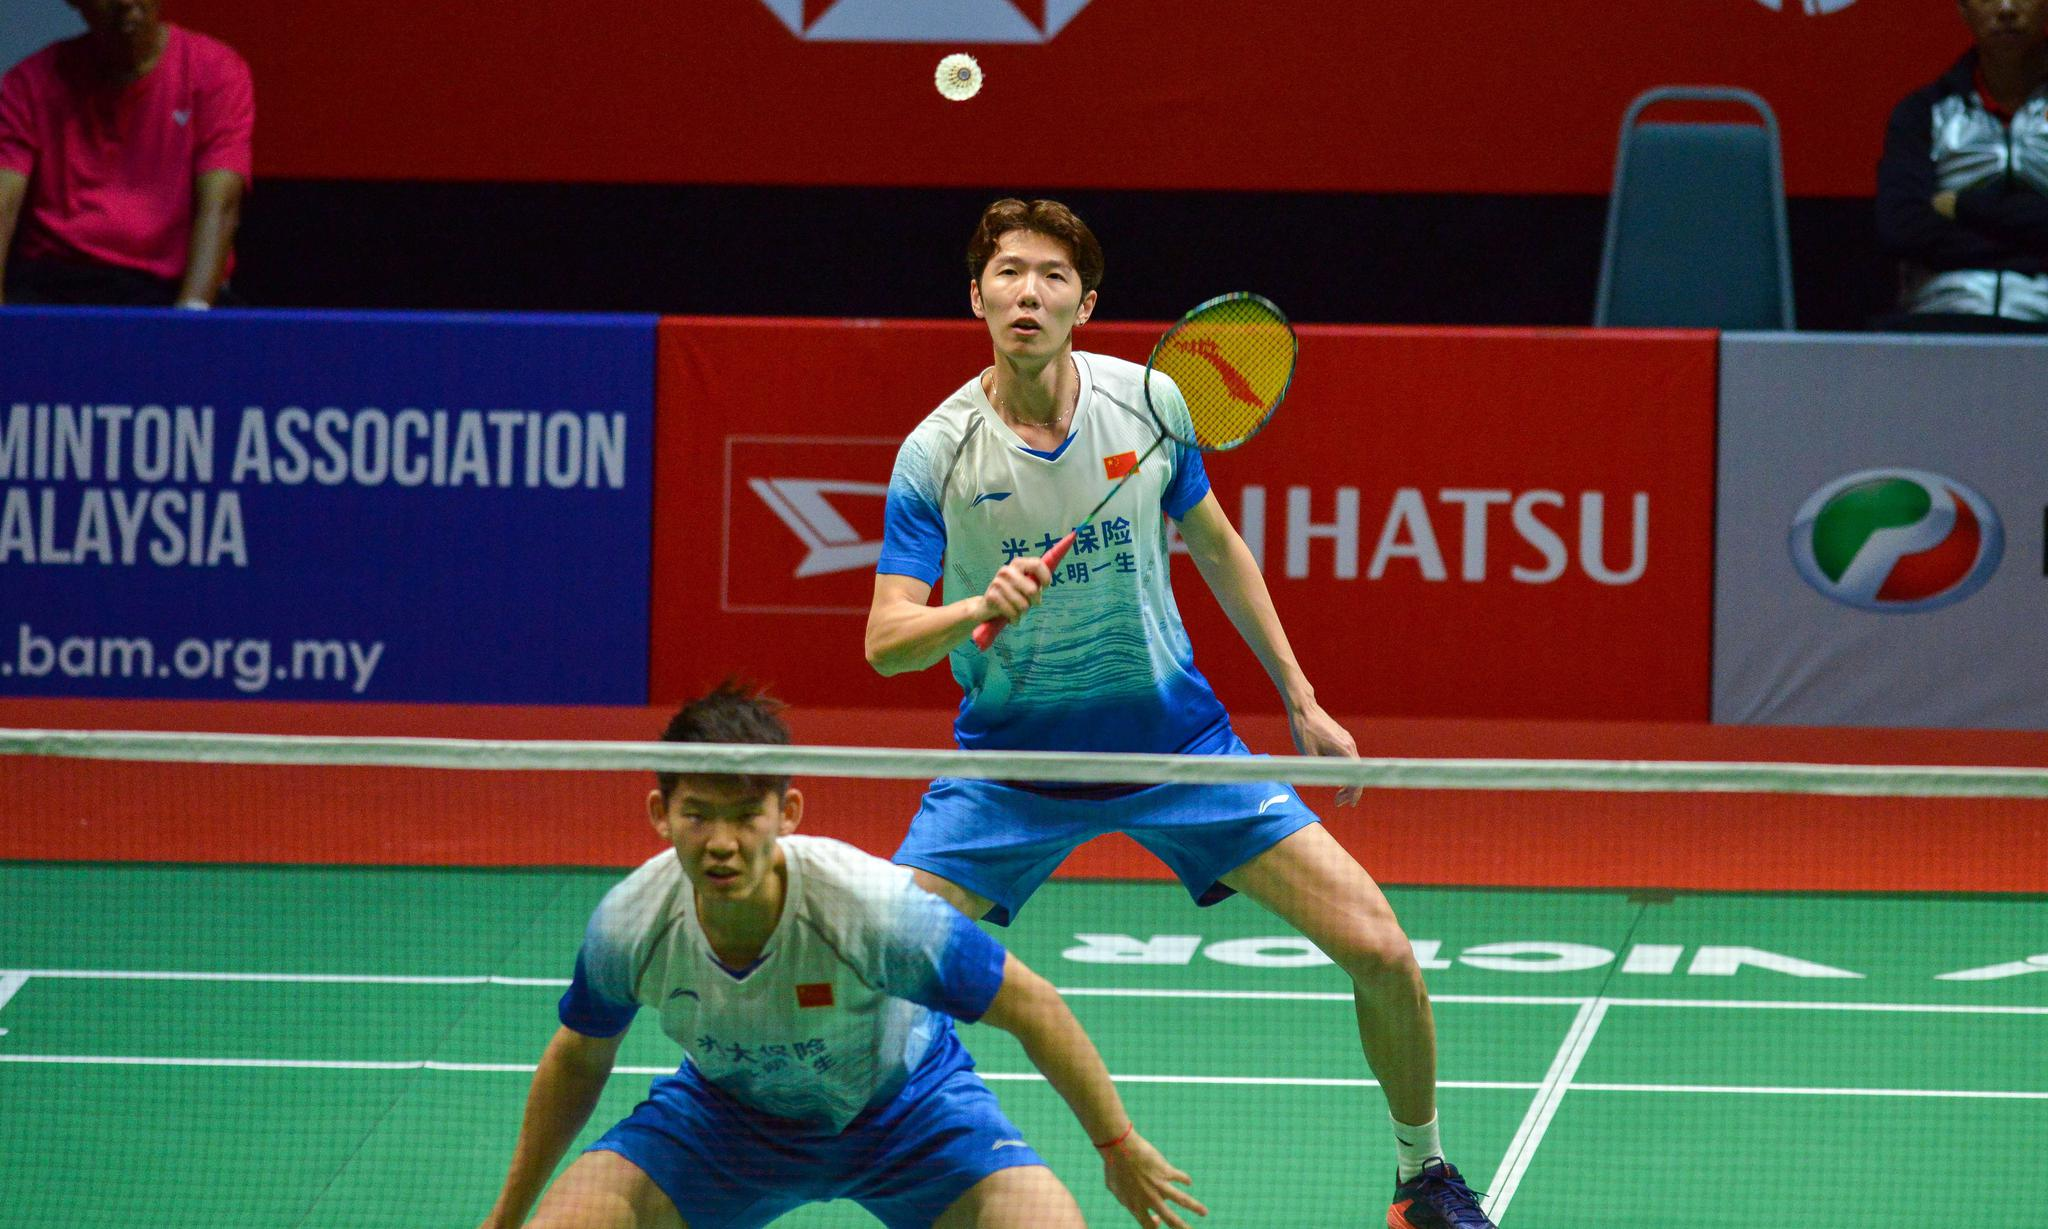 羽毛球——马来西亚大师赛:李俊慧/刘雨辰晋级